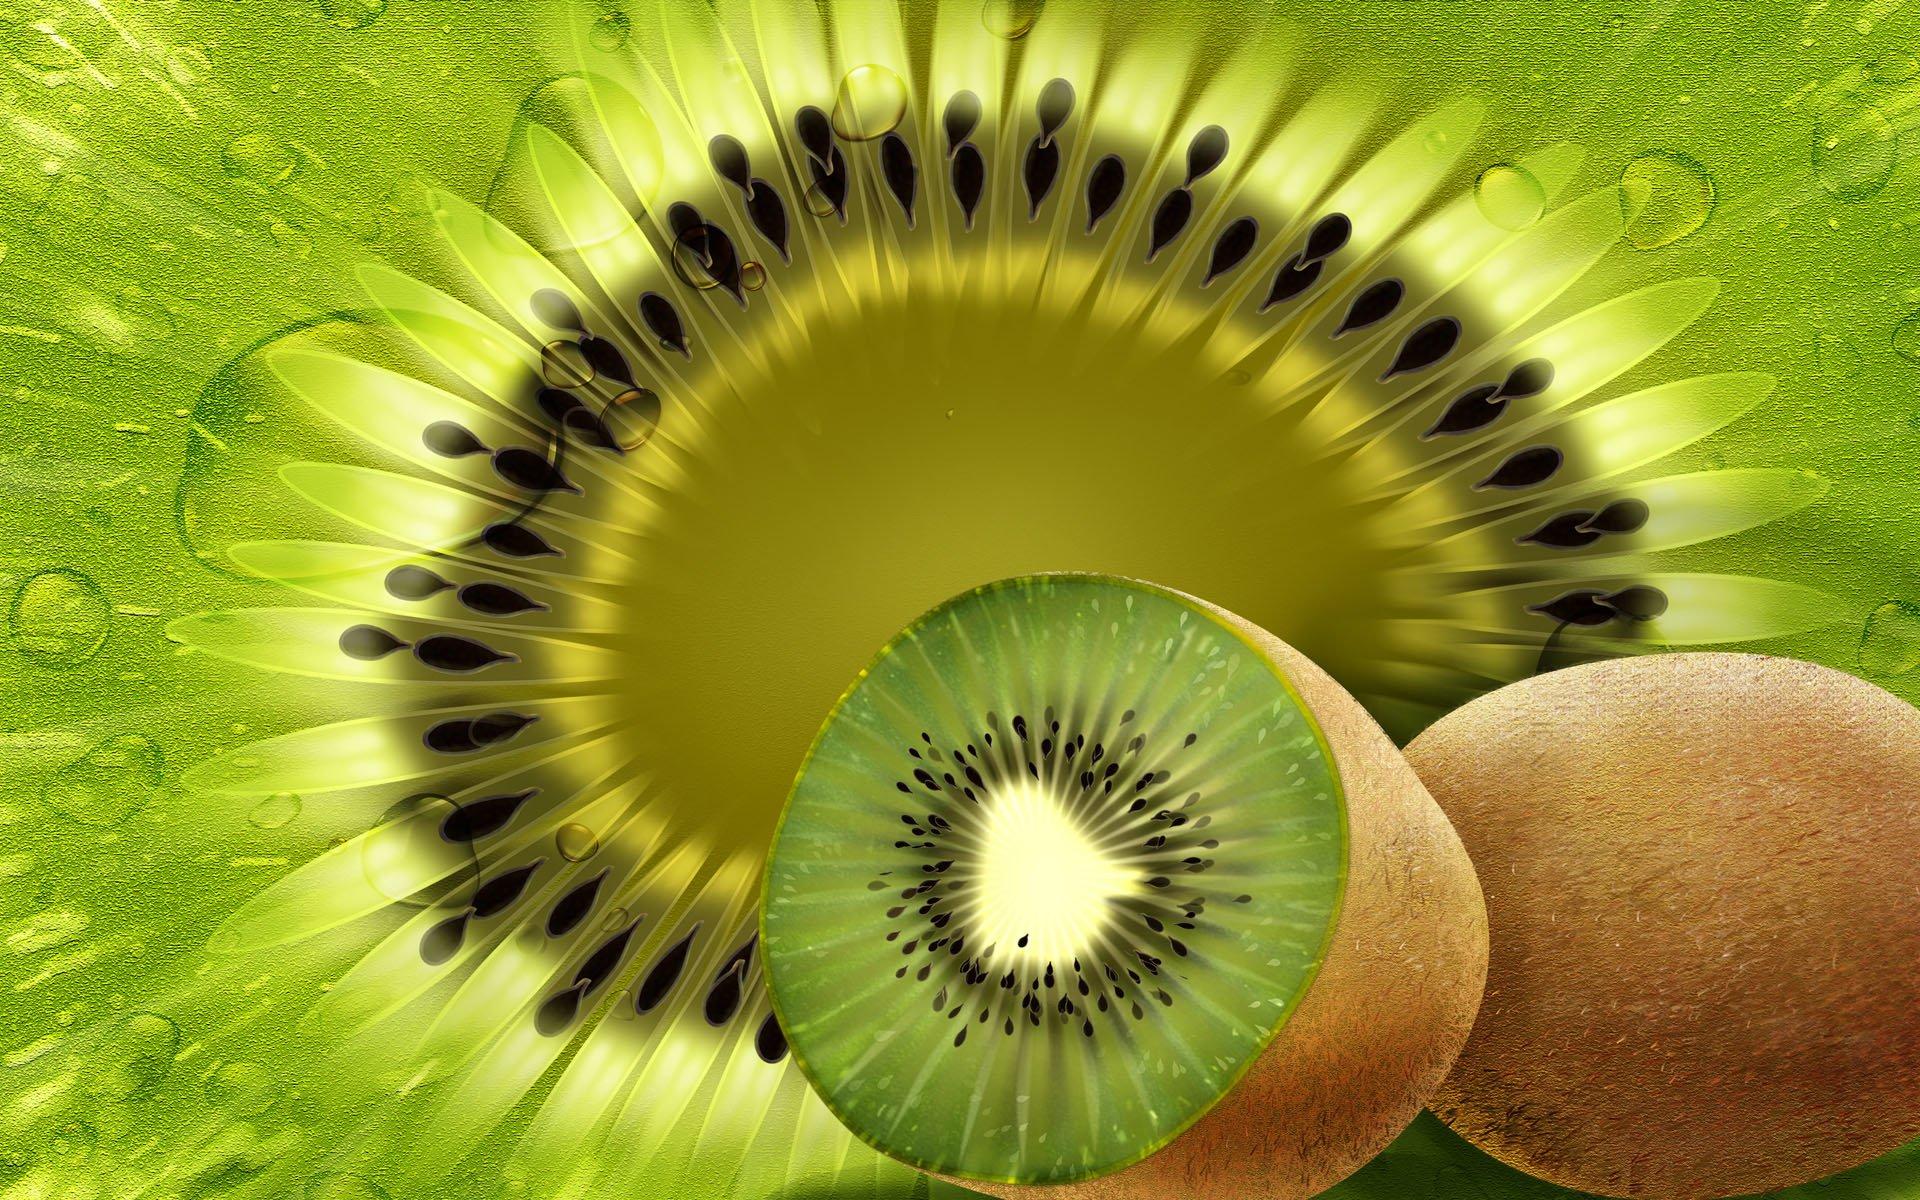 Food - Kiwi  Wallpaper